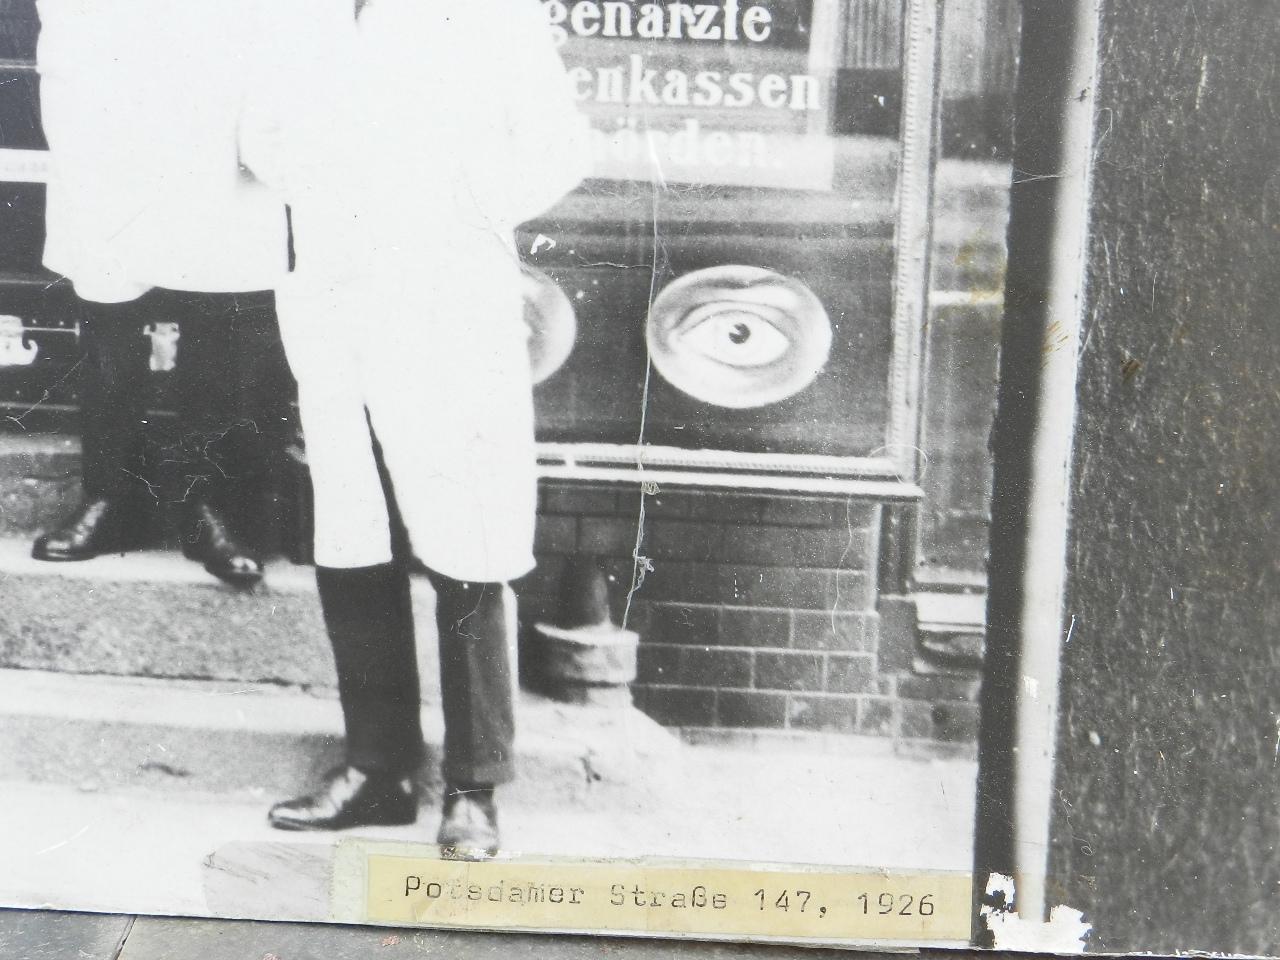 Imagen FOTOGRAFÍA DE UNA OPTICA ALEMANA 1926 26895